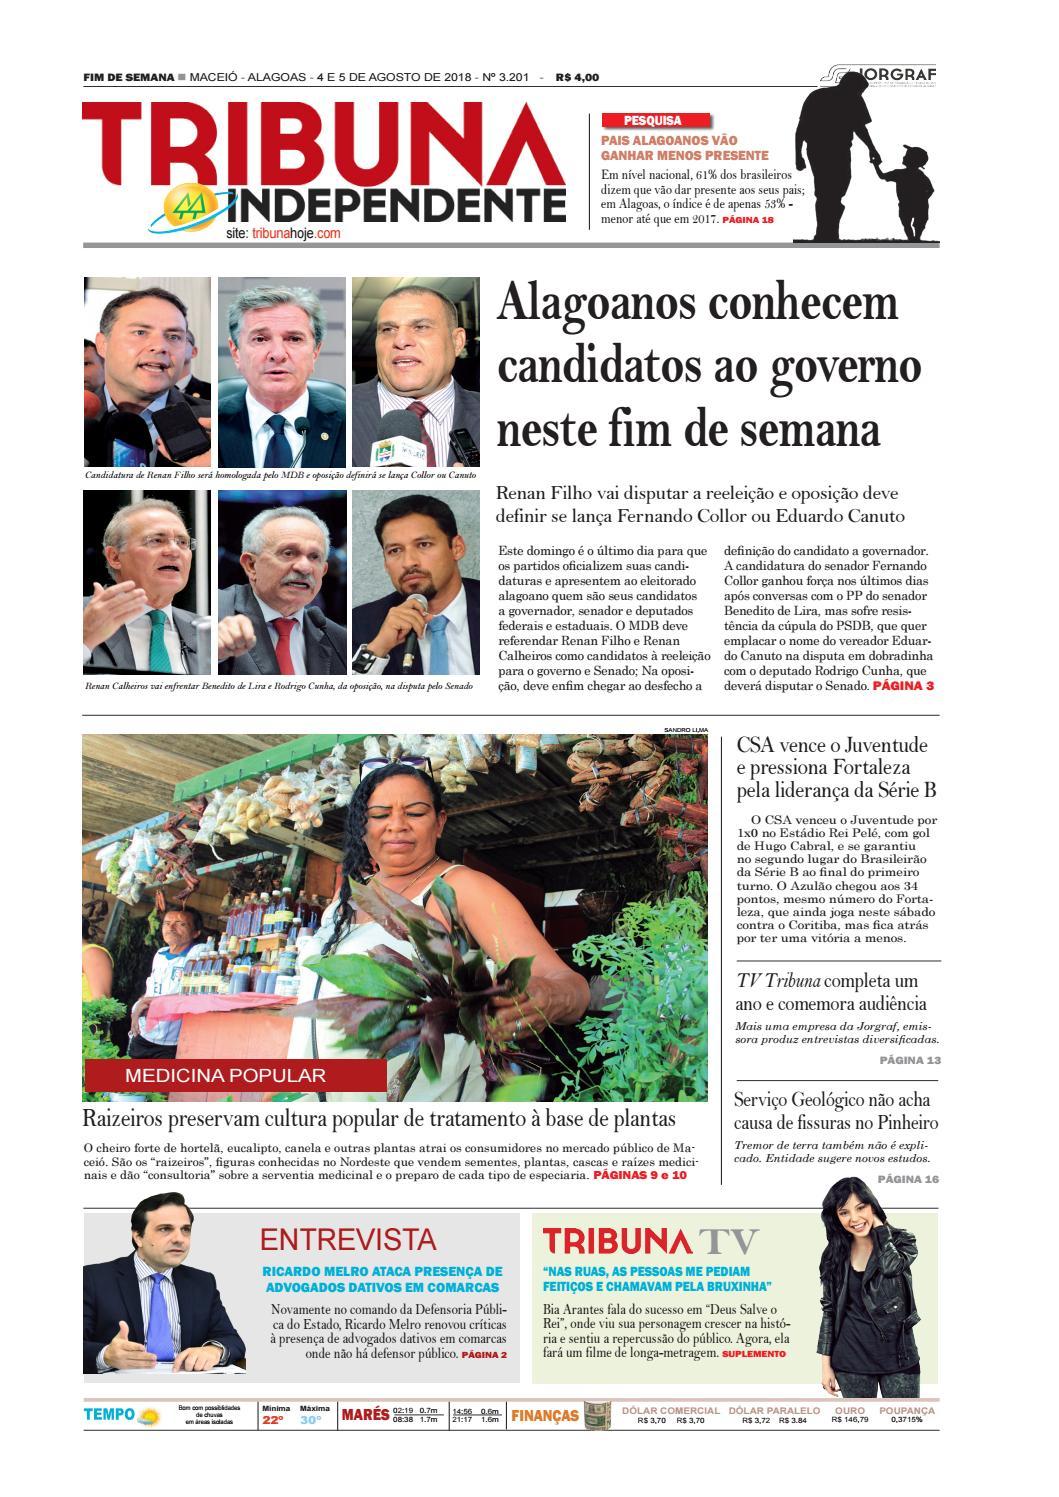 f4bc3072cb204 Edição número 3201 - 4 e 5 de agosto de 2018 by Tribuna Hoje - issuu